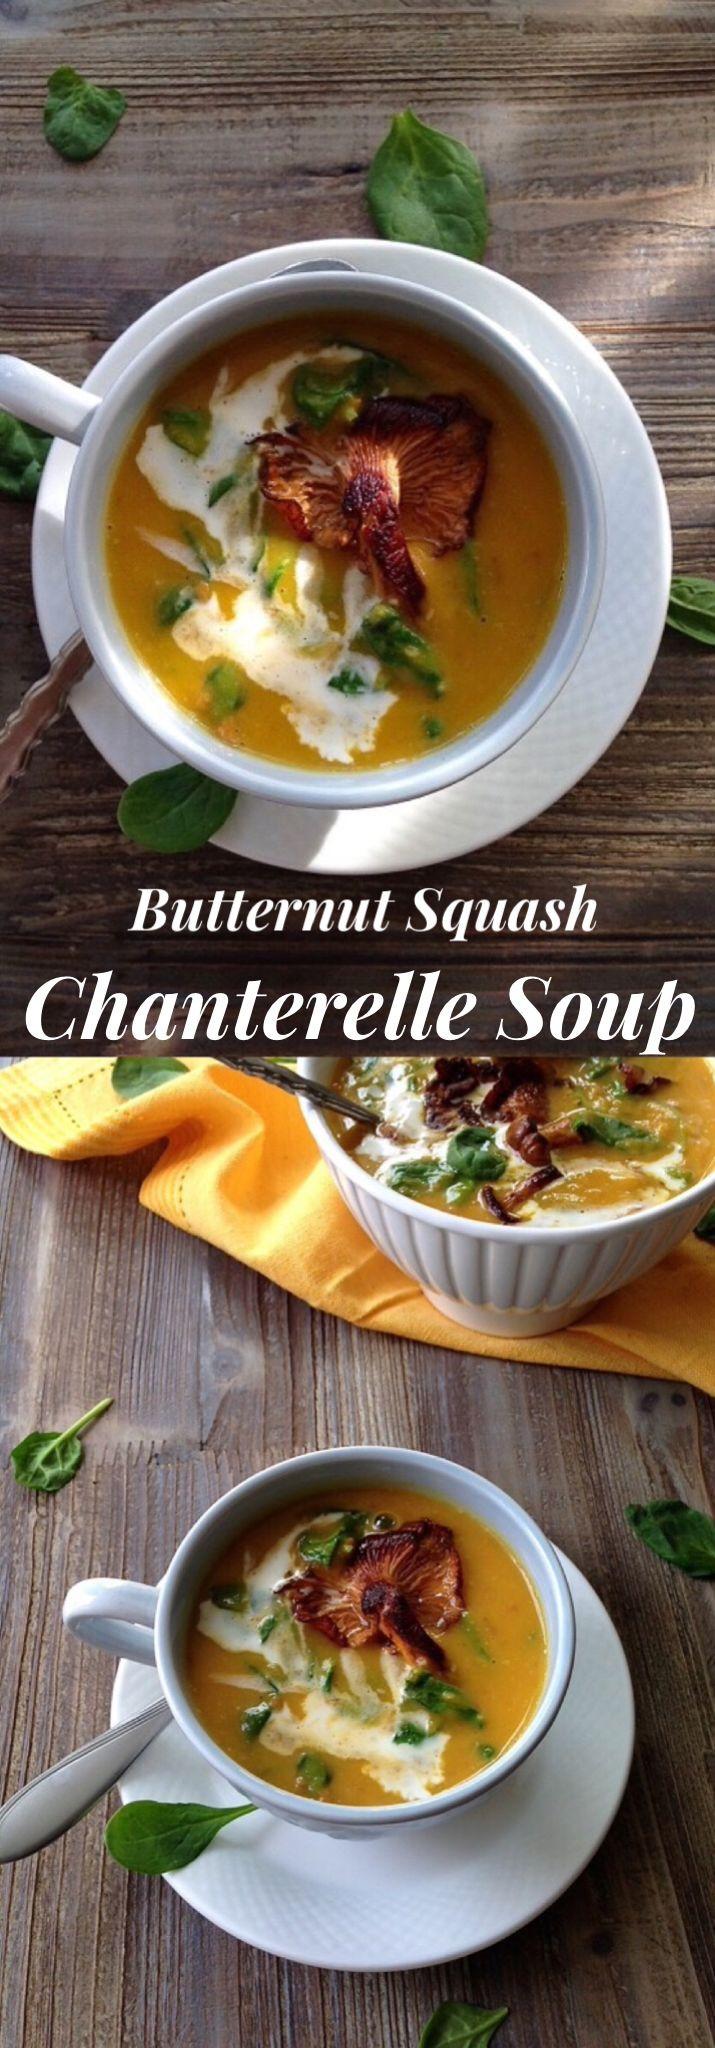 Chanterelle Mushrooms Soup  Chanterelle Mushroom Soup Recipe